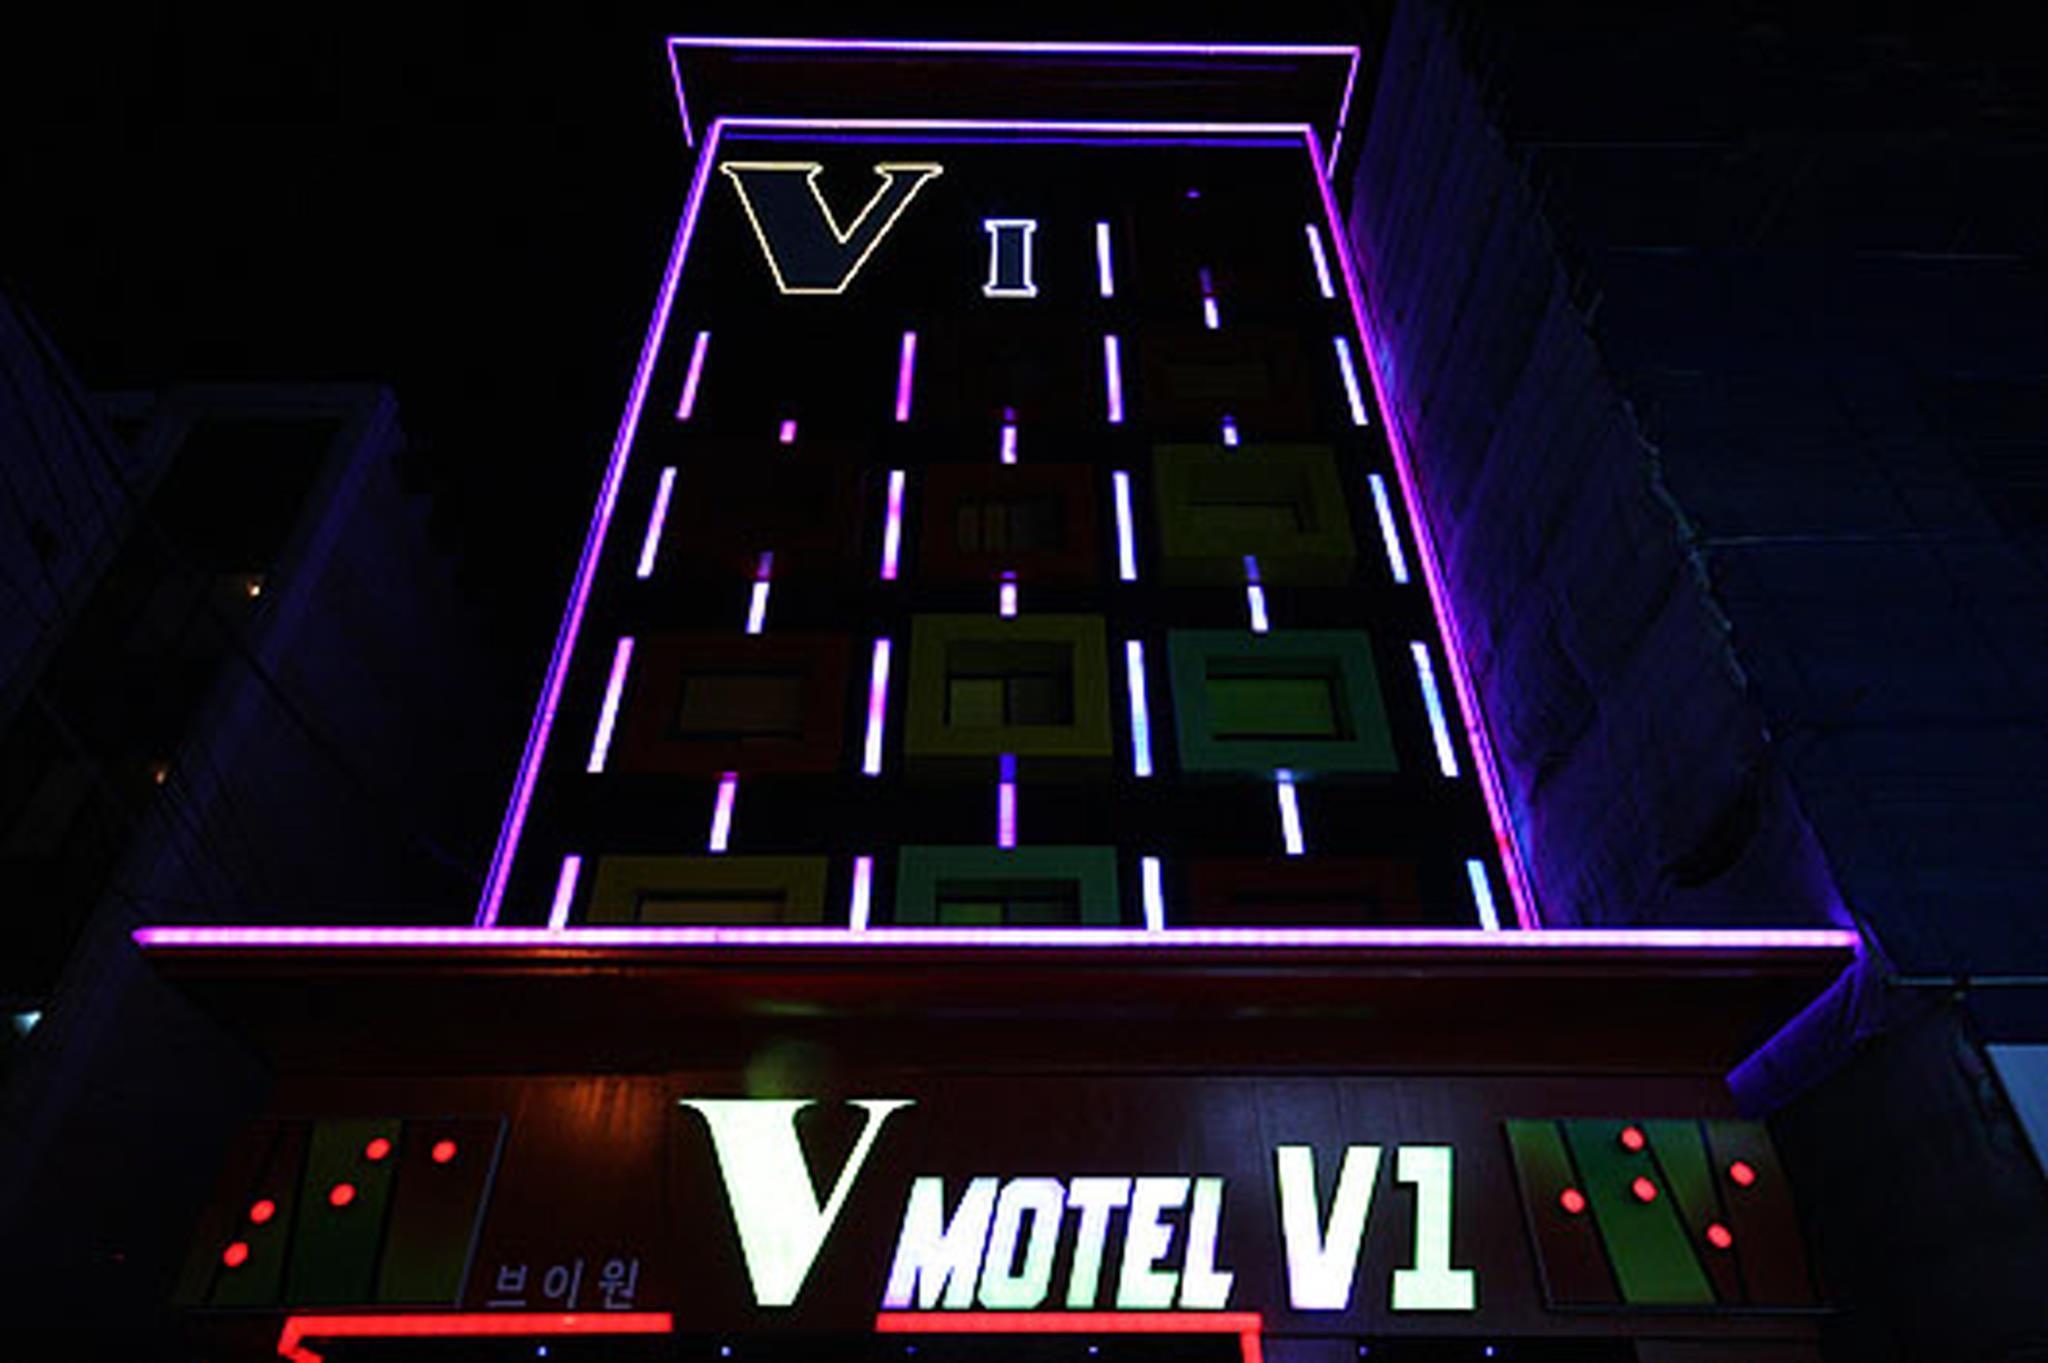 V1 Motel